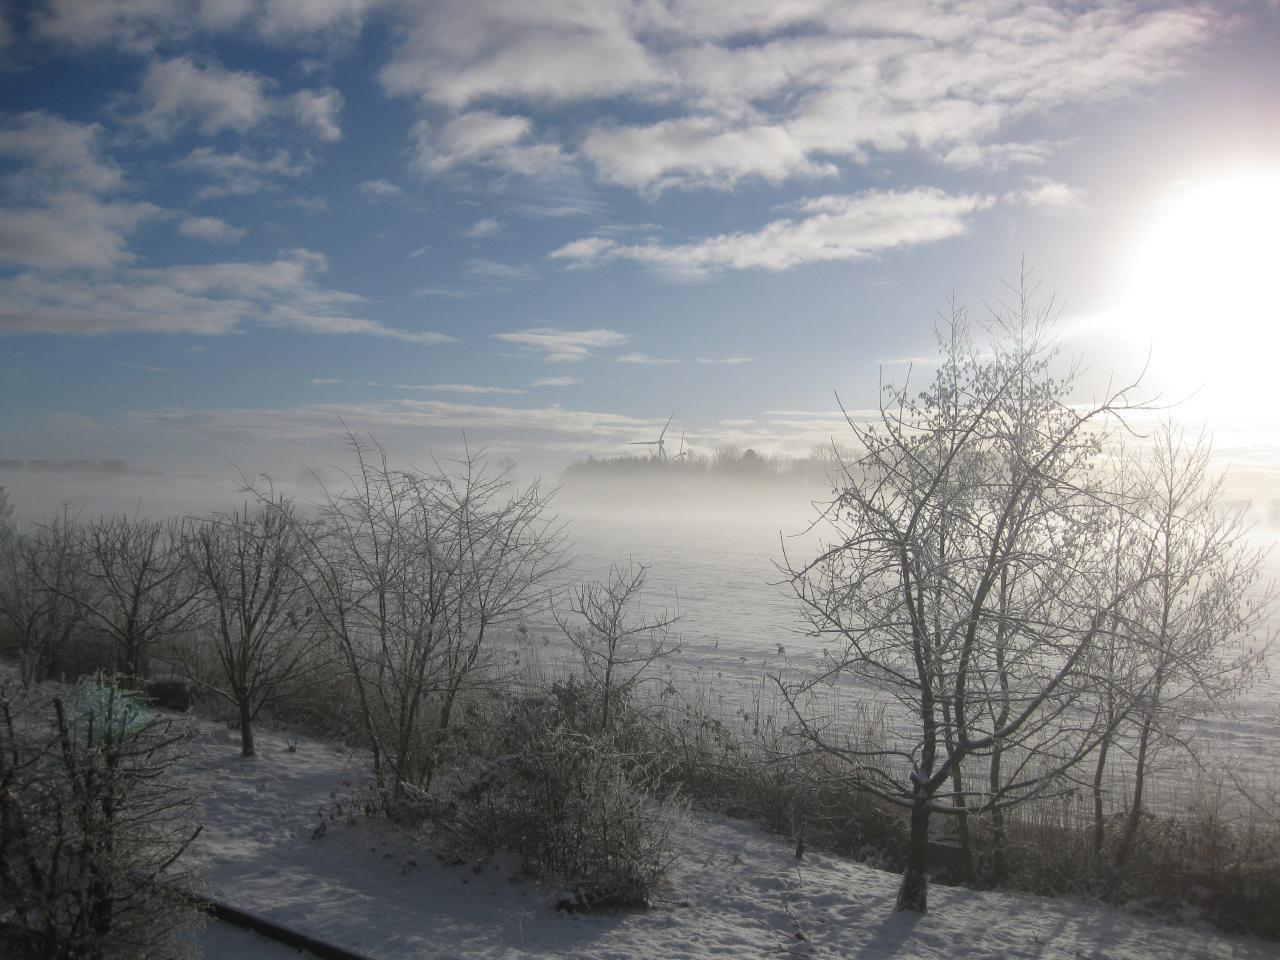 Schnee - Sonne - Nebel  Blick aus Wohnzimmer